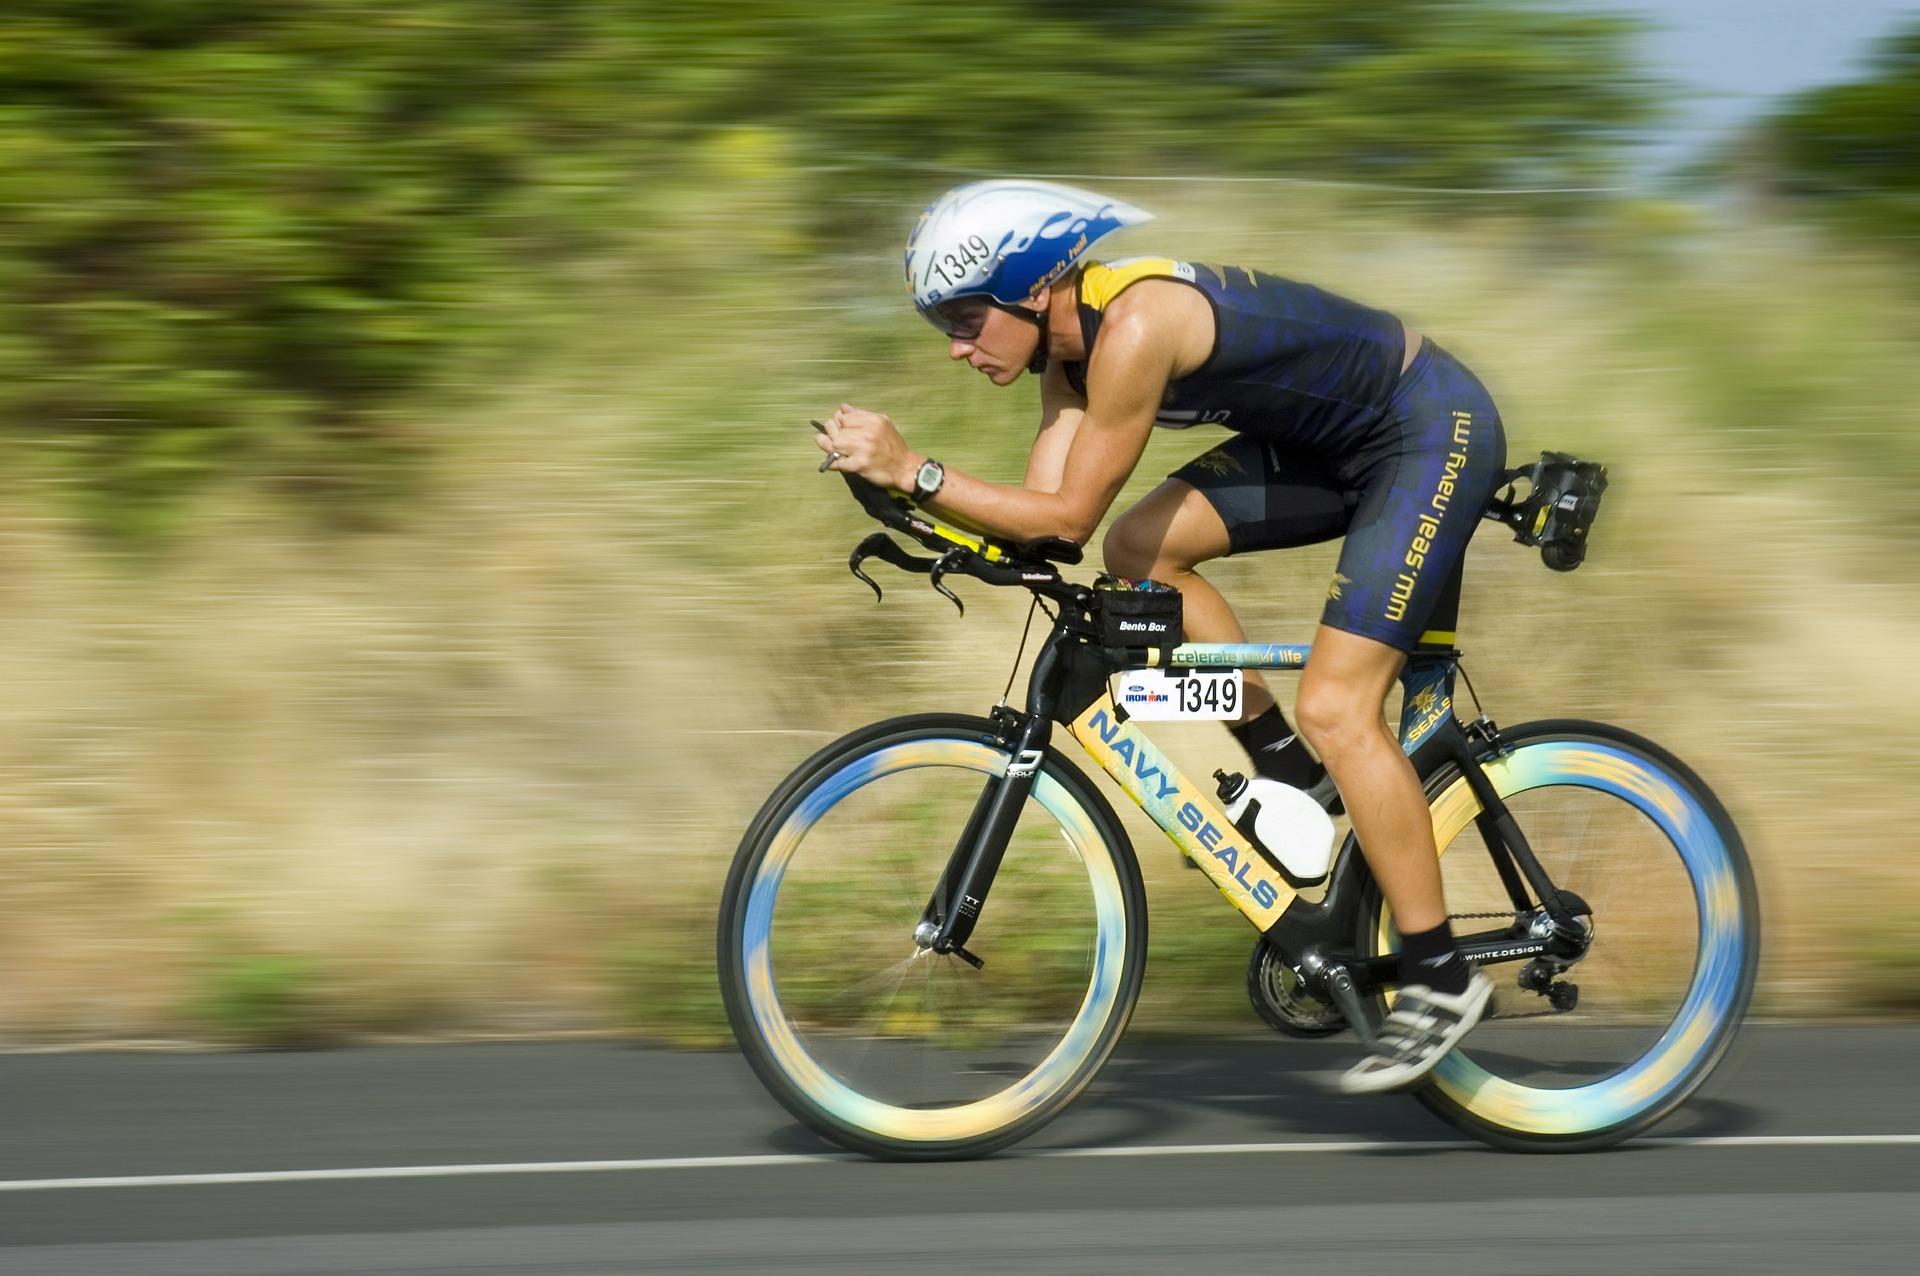 Triathlet am Rad